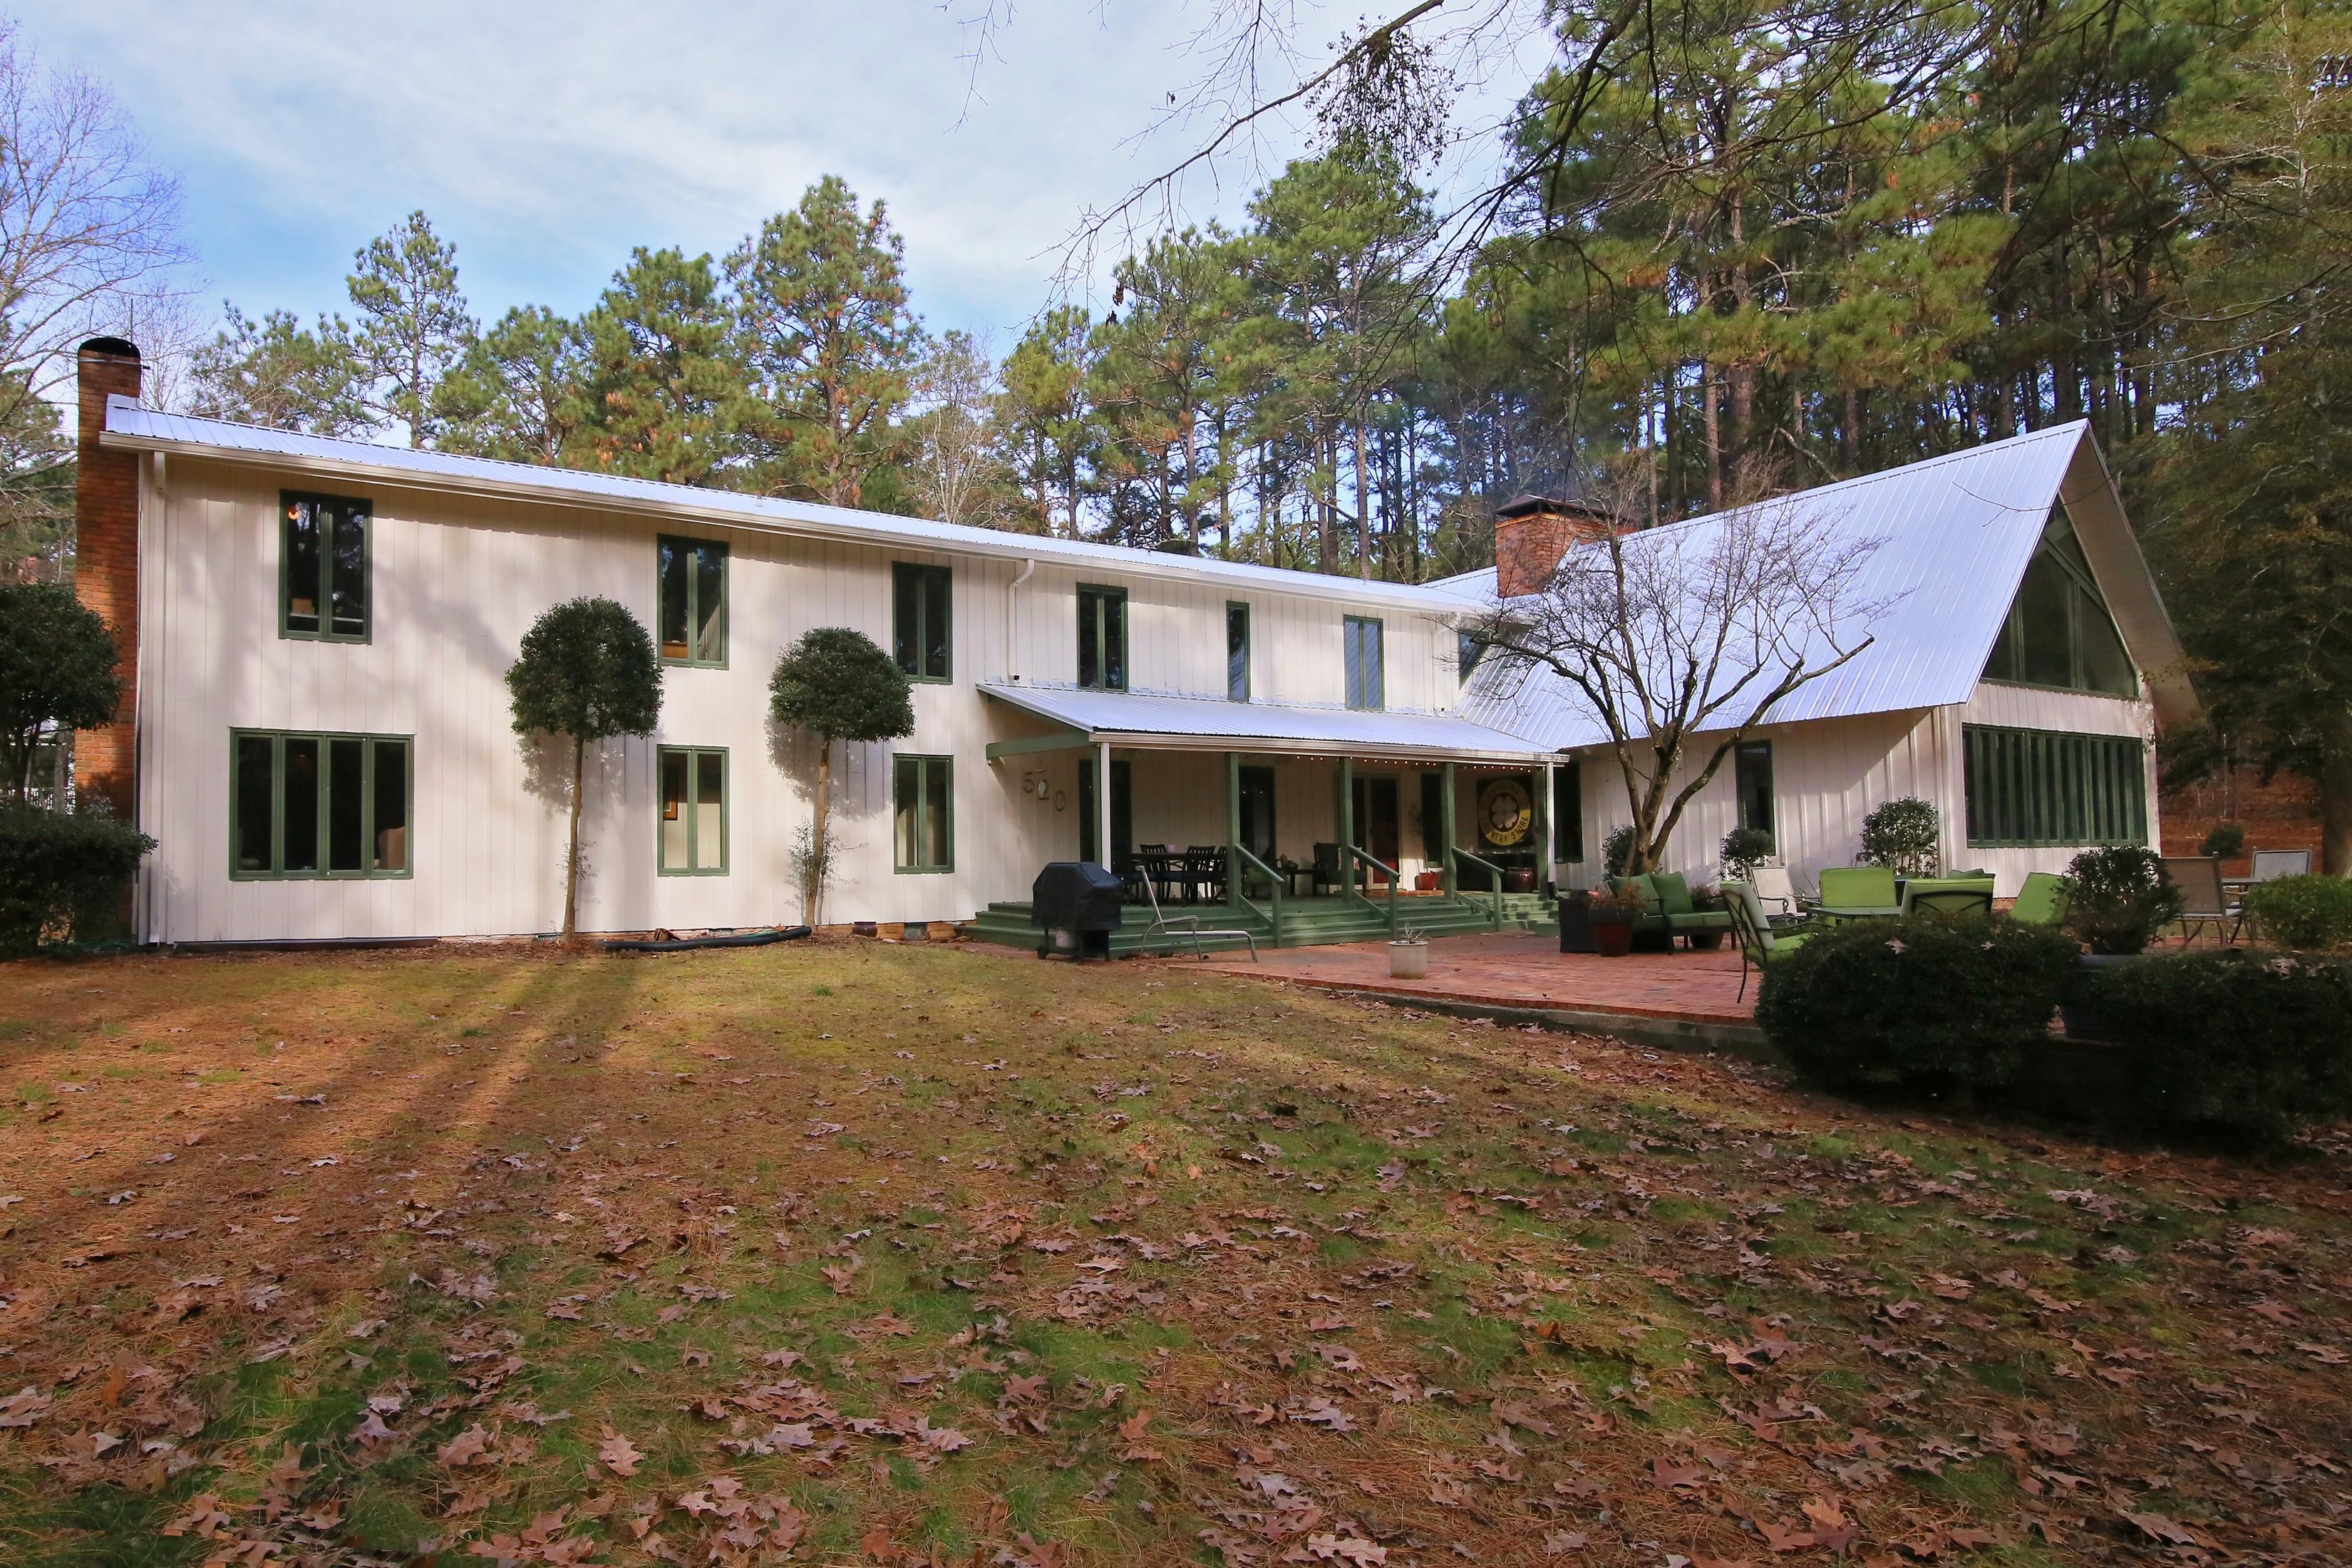 단독 가정 주택 용 매매 에 520 N. Bethesda Road Southern Pines, 노스캐놀라이나, 28387 미국